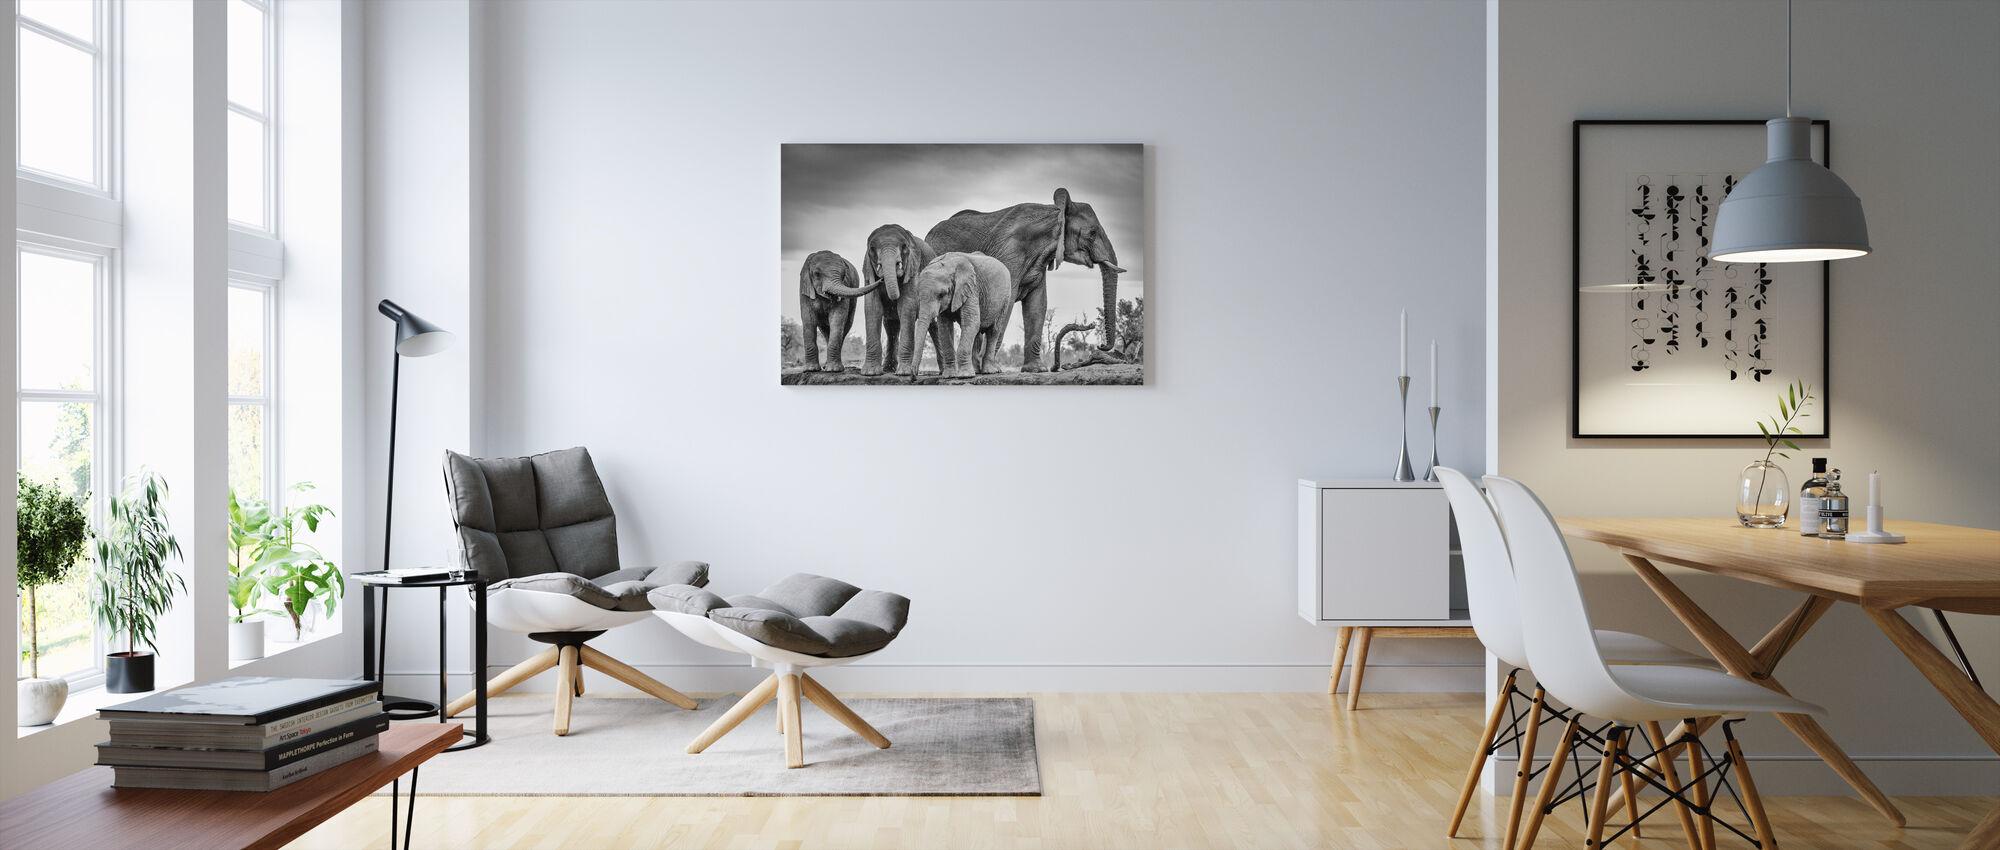 Een gigantische eenheid, zwart en wit - Canvas print - Woonkamer